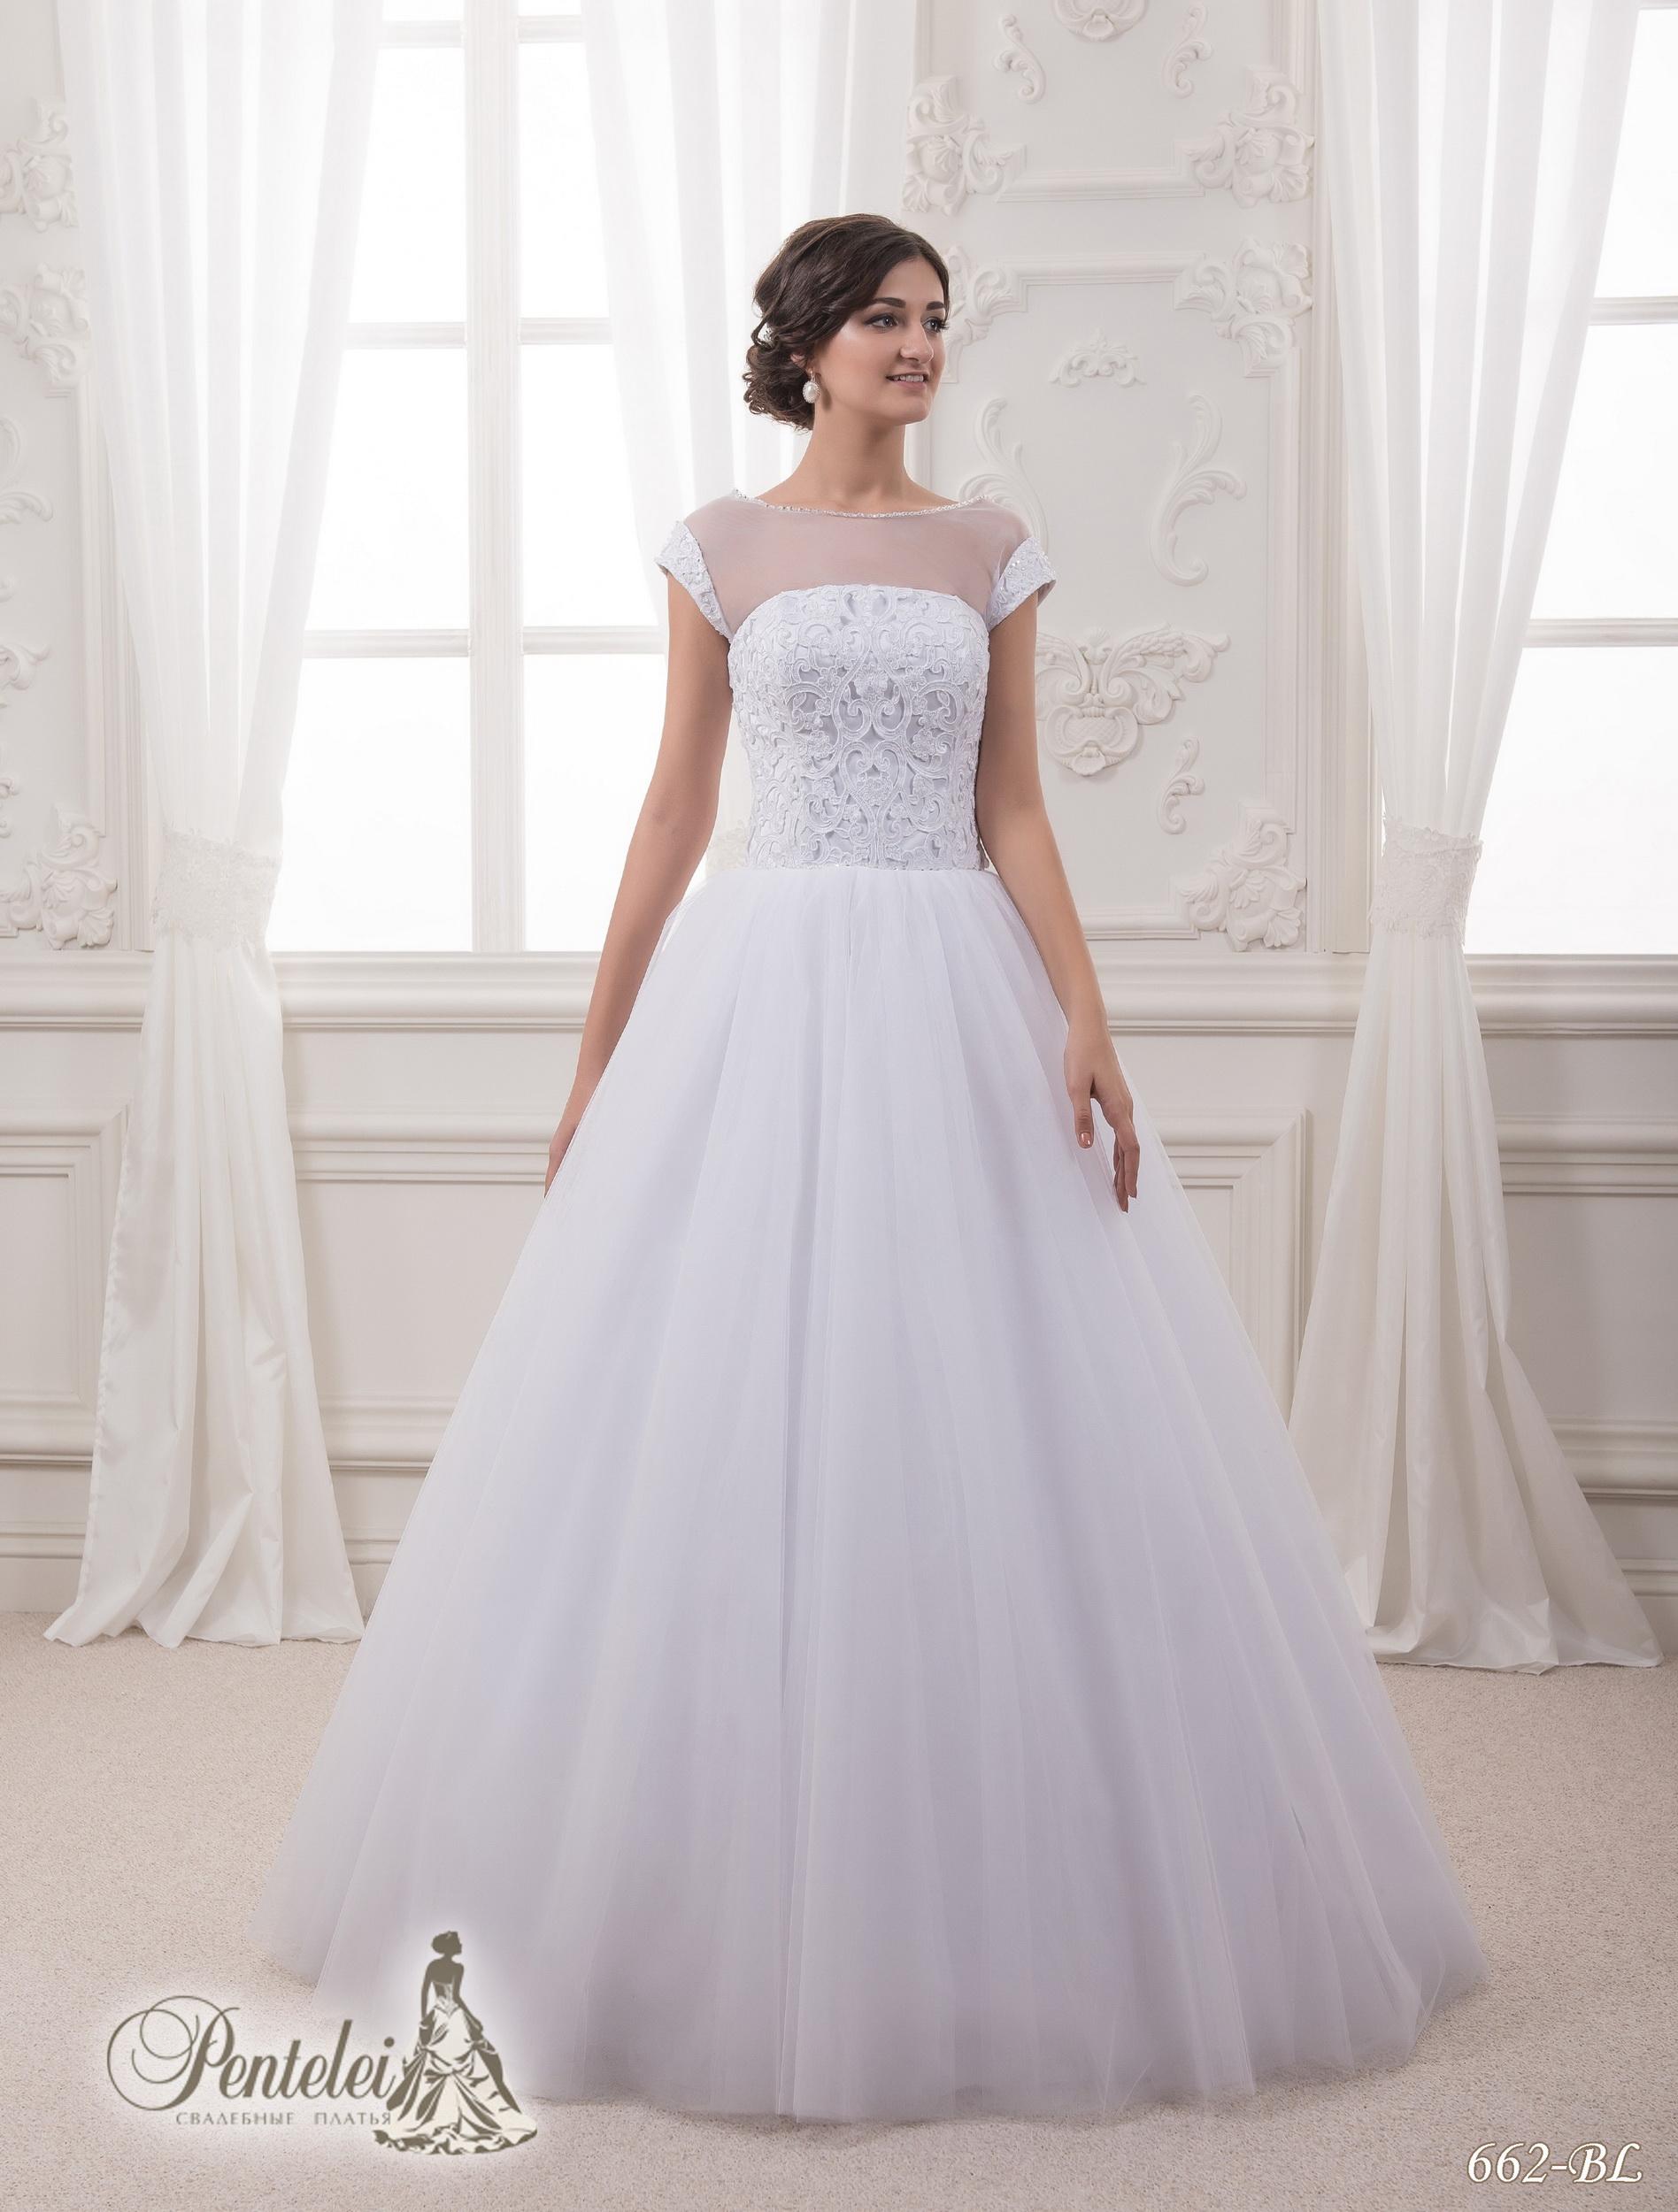 662-BL | Cumpăra rochii de mireasă en-gros de Pentelei